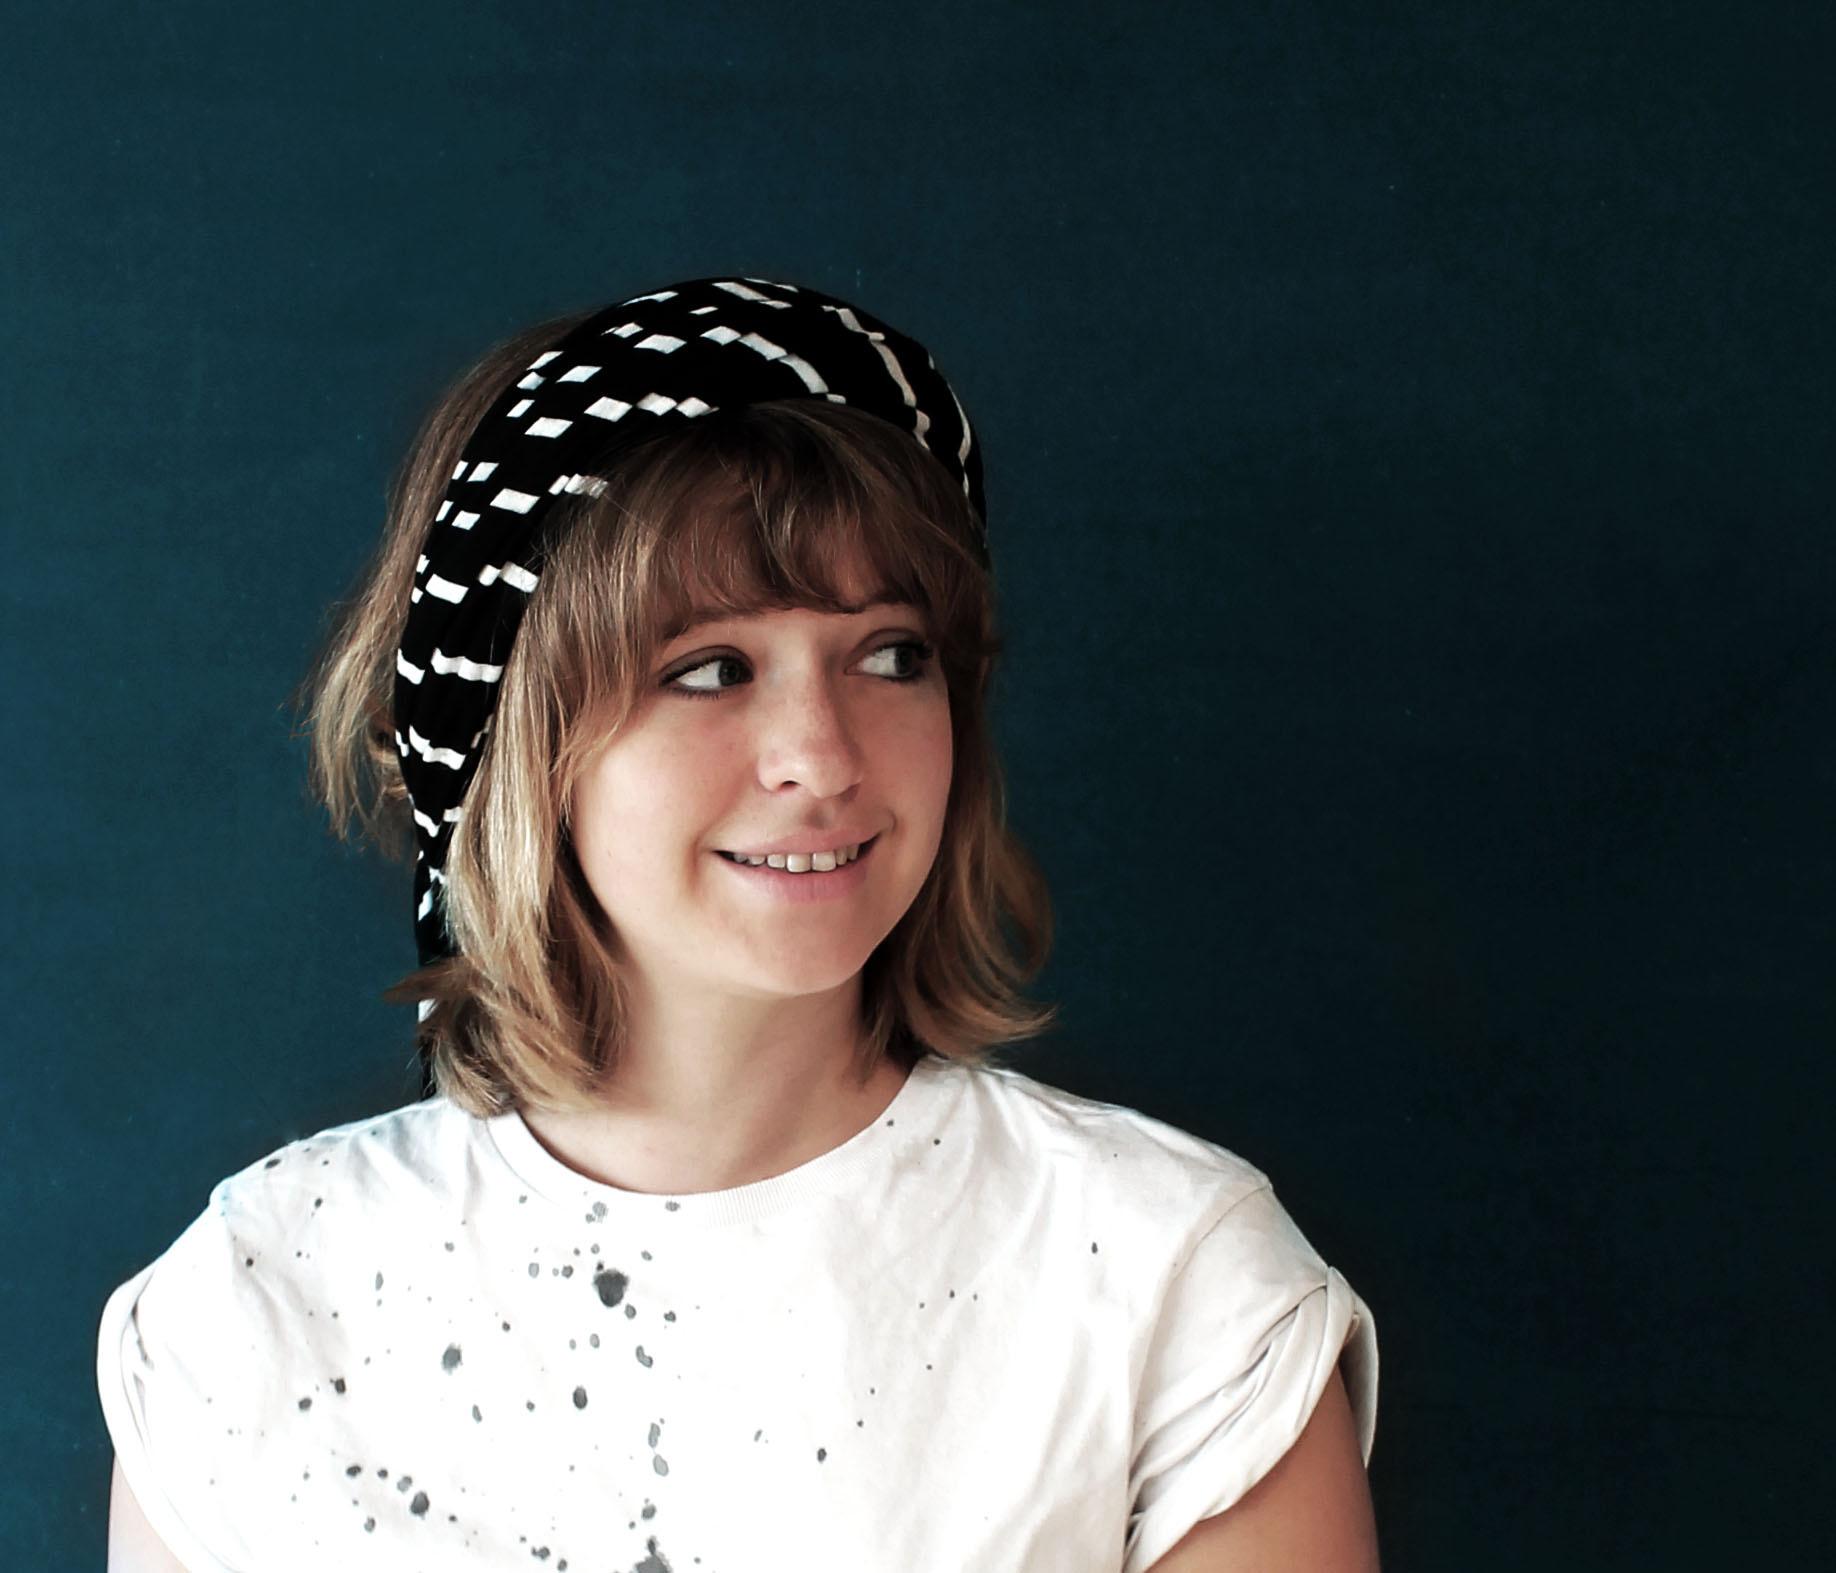 Sarah Bodner